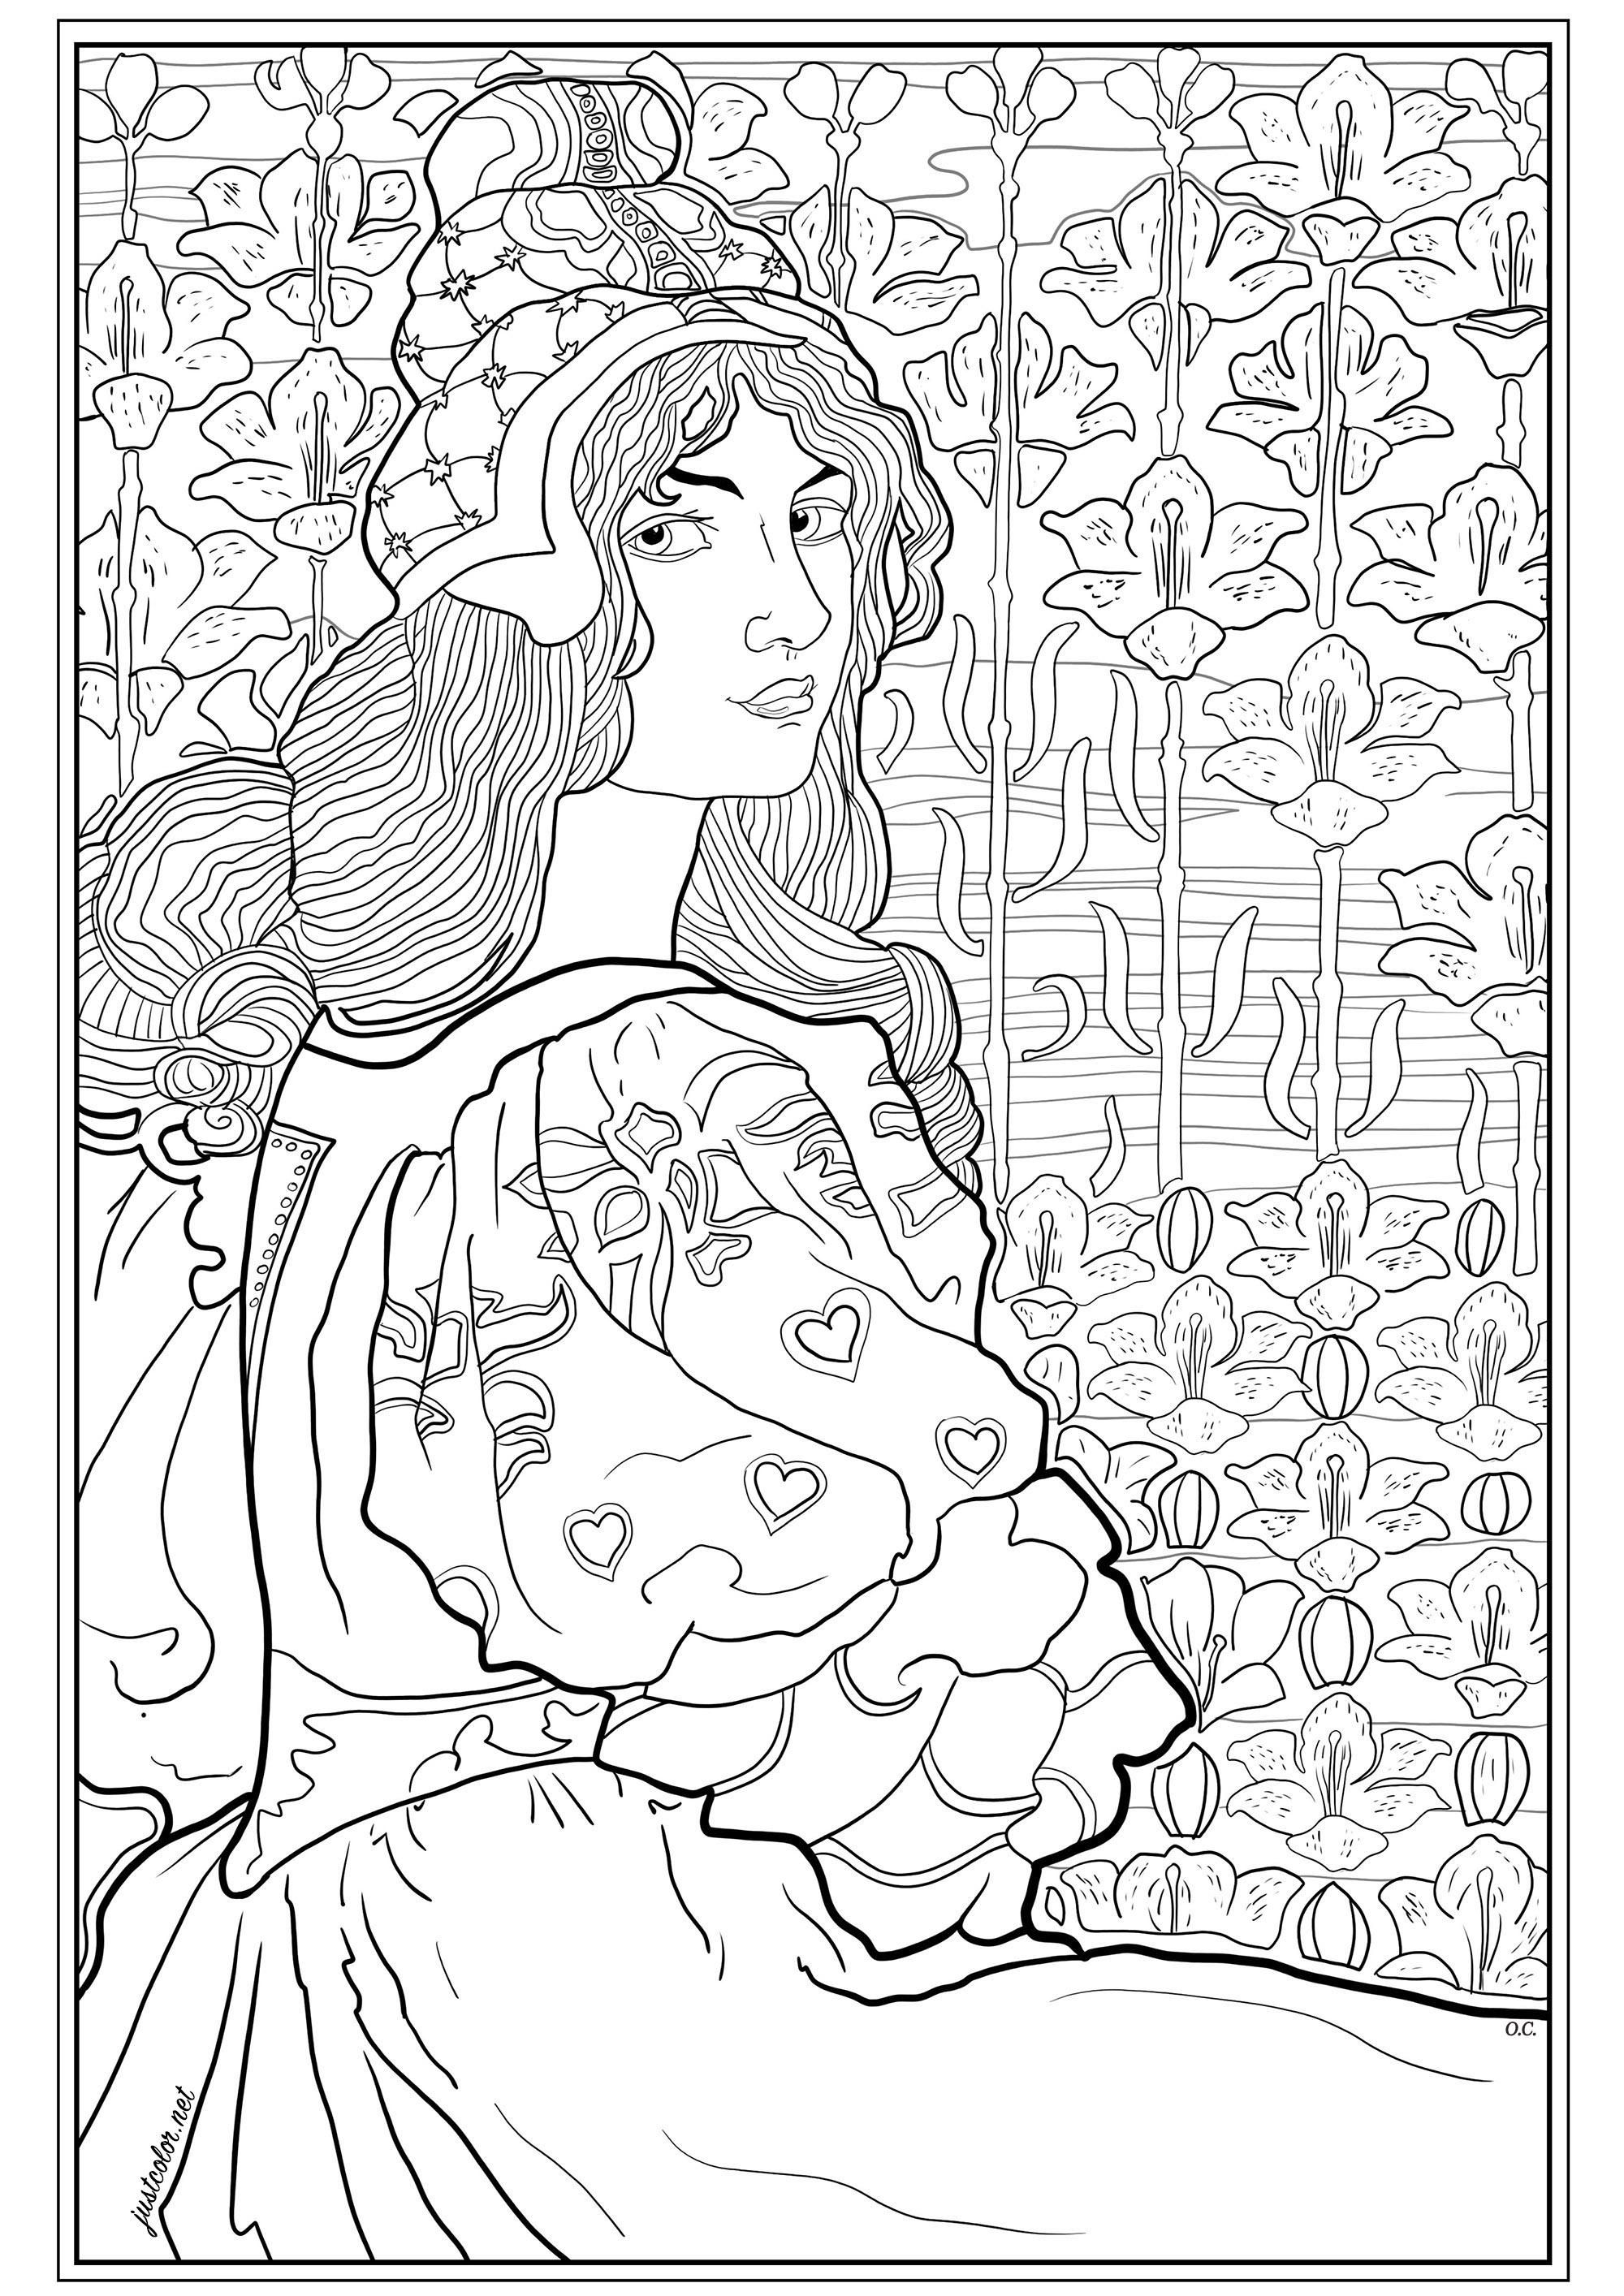 Colorear para Adultos : Art nouveau - 1